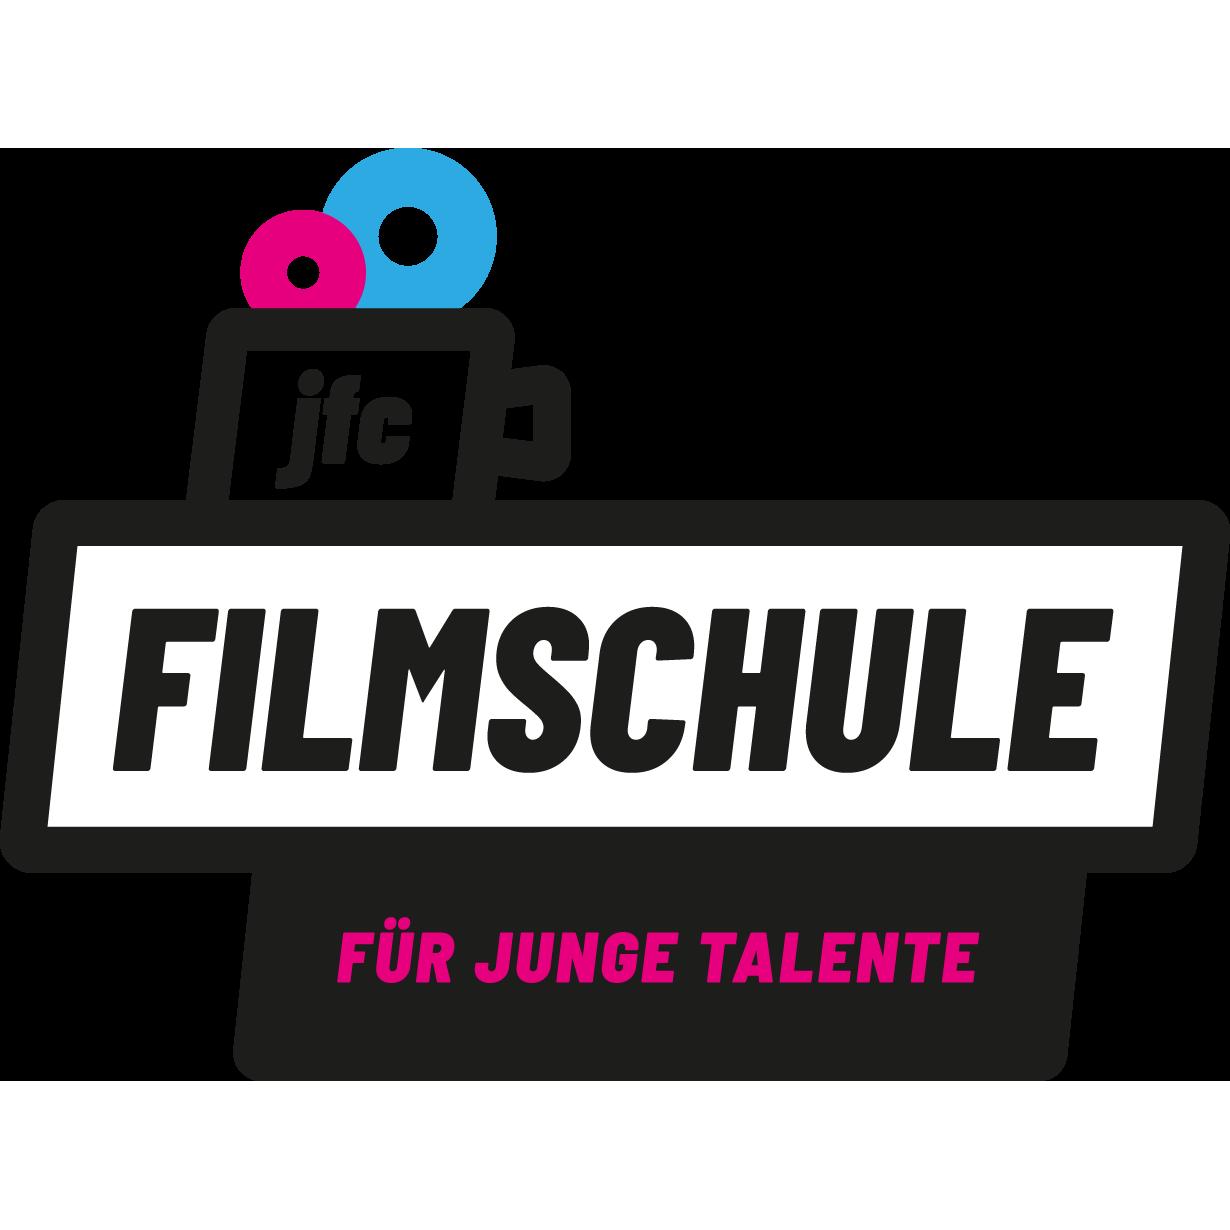 jfc Filmschule